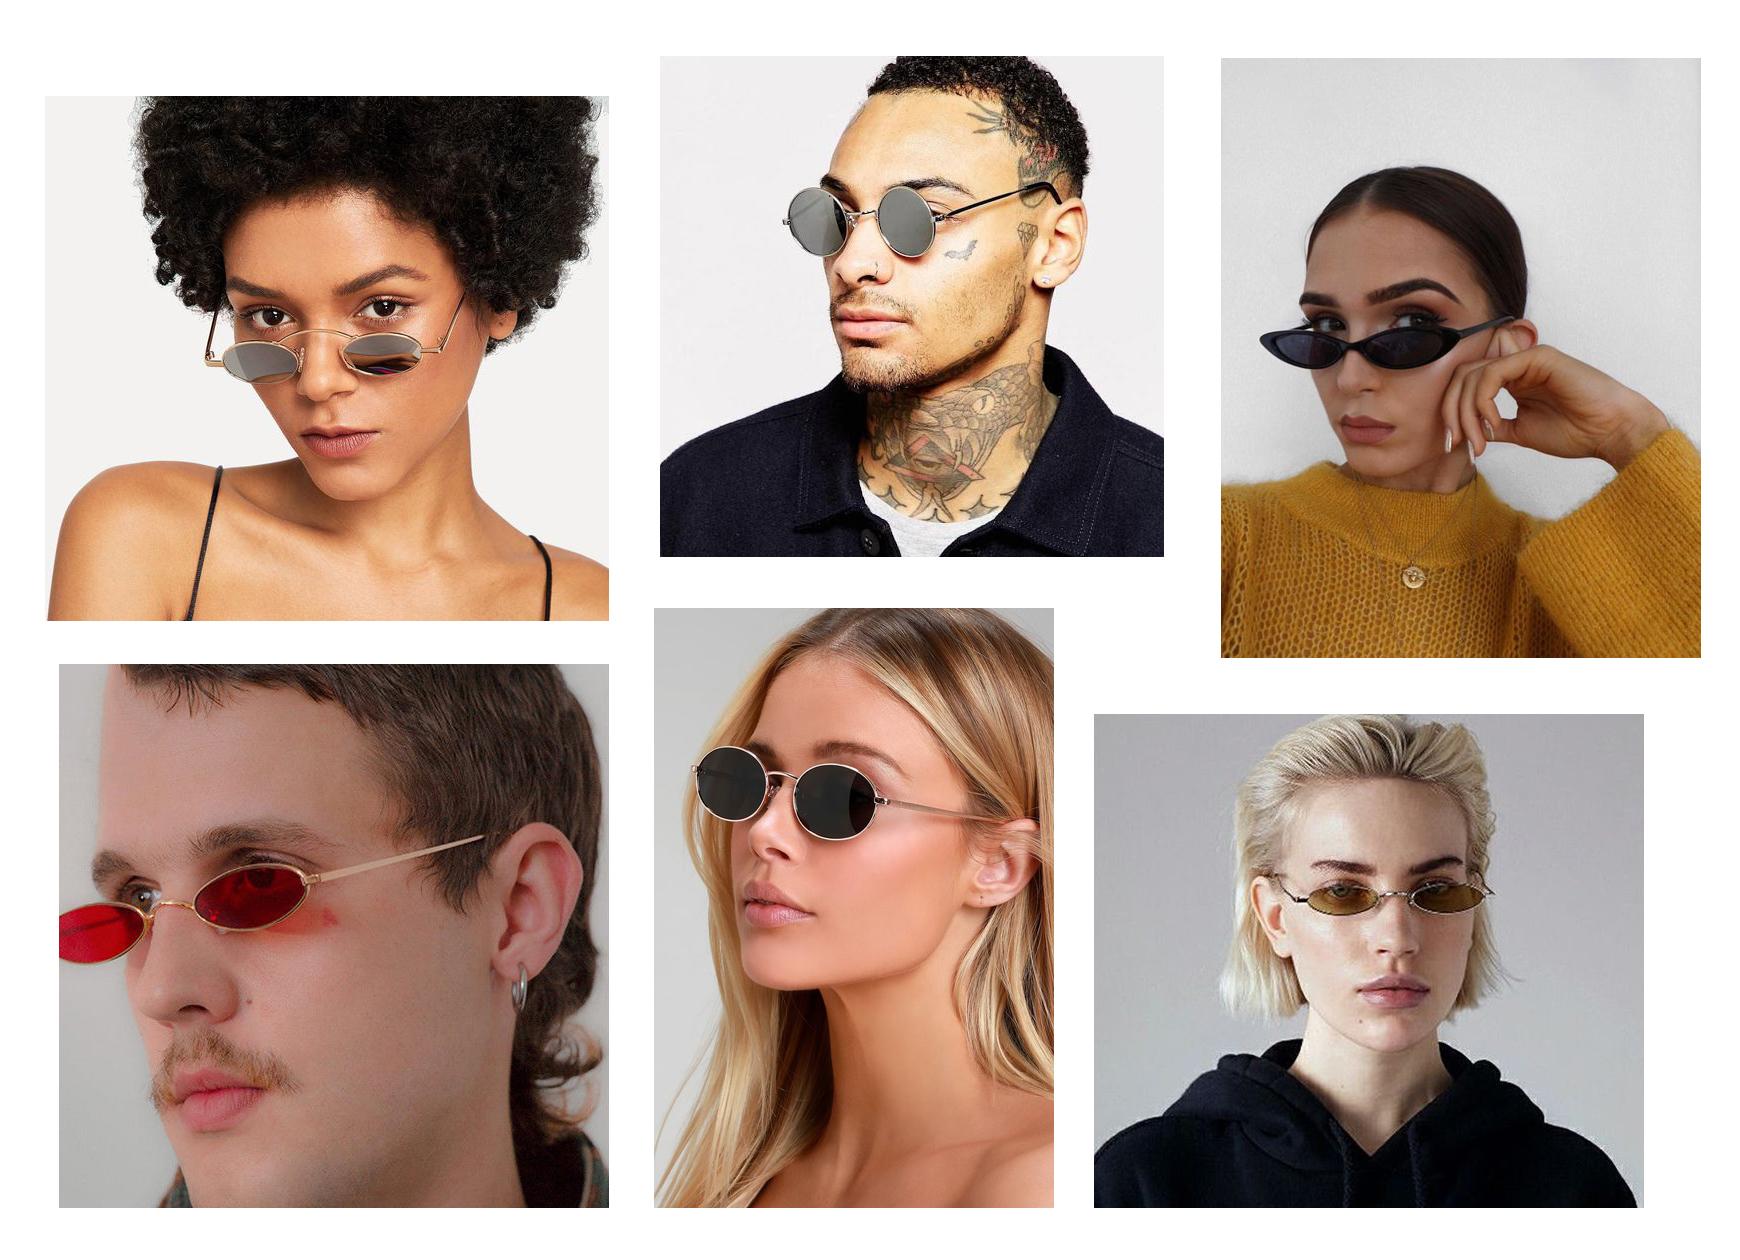 0537efbf67f09 O verão chegou! Confira as tendências em óculos de sol do Verão 2019